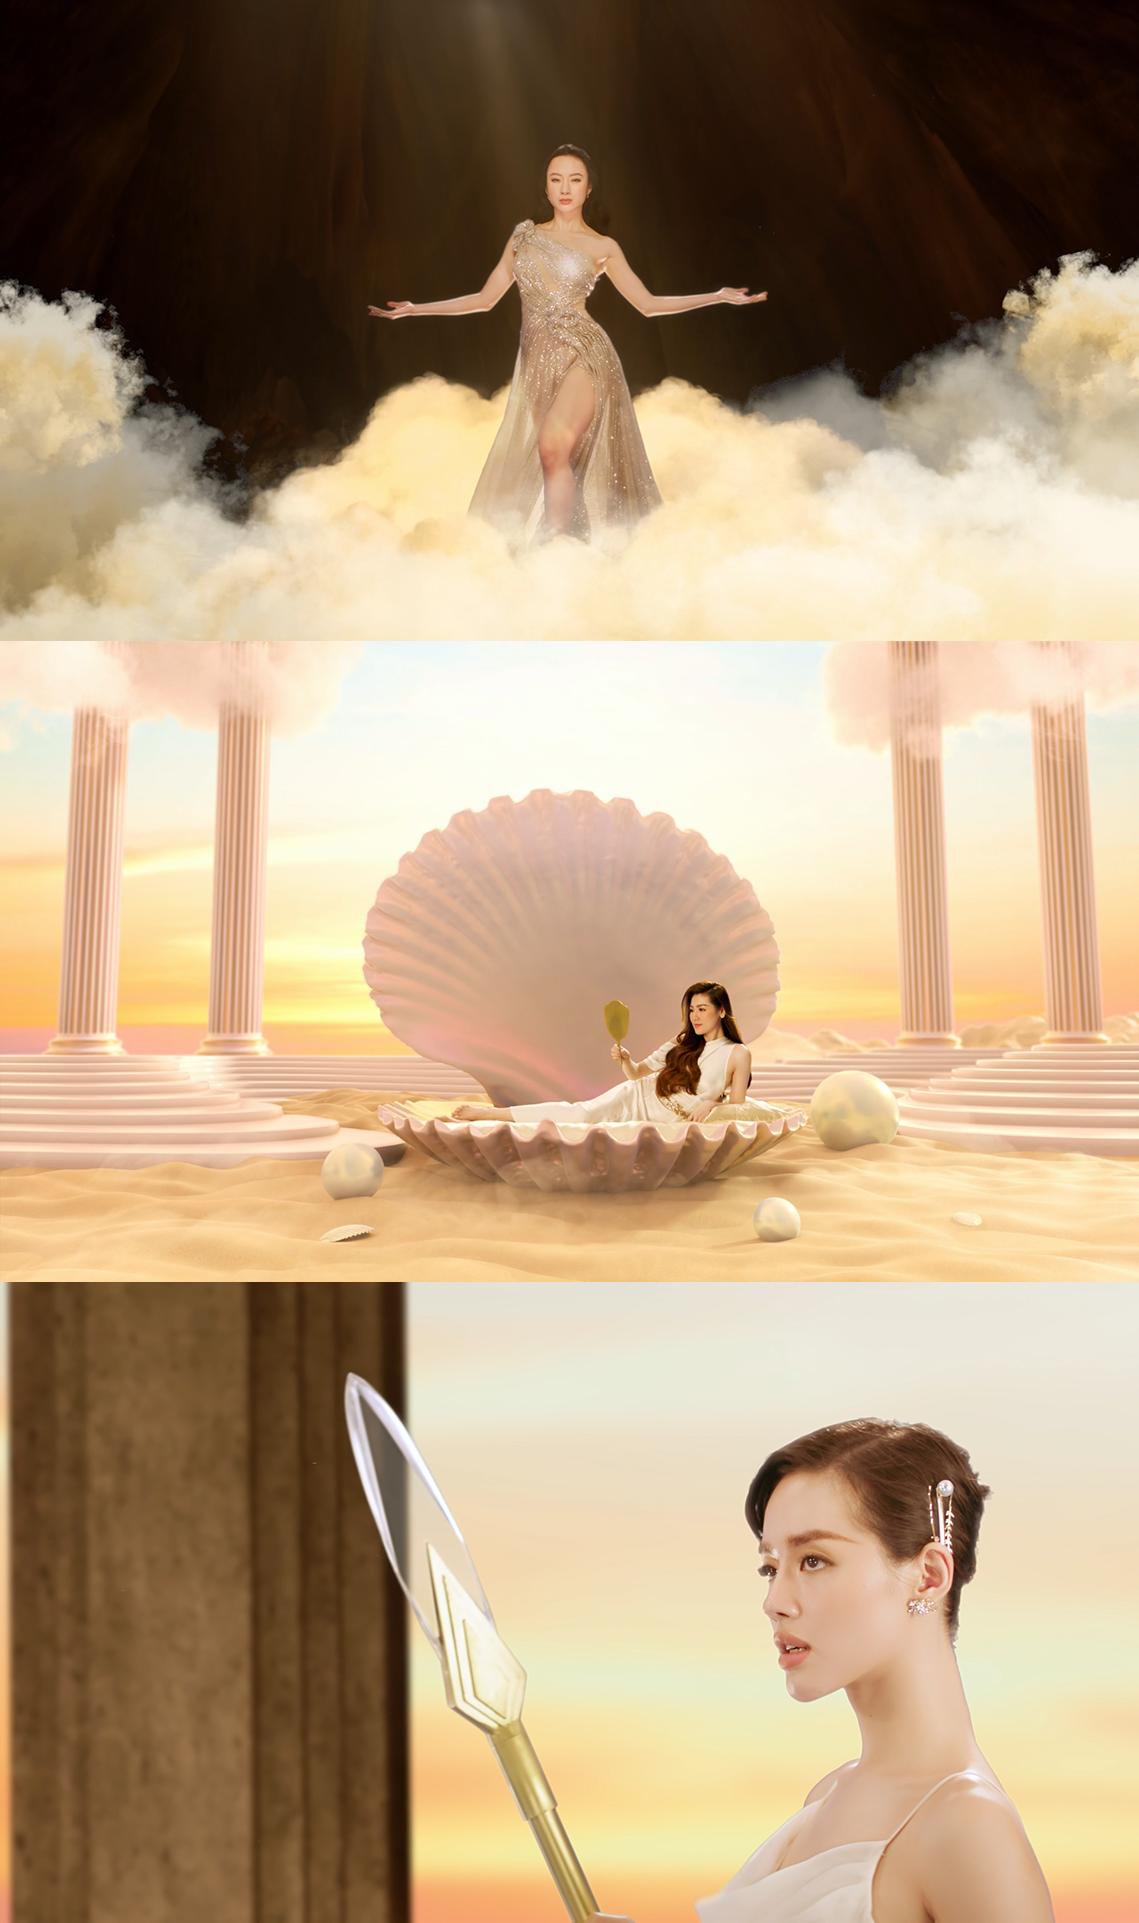 """Angela Phương Trinh chính thức trở lại, cạnh tranh """"nhan sắc nữ thần cùng Tú Anh và Khánh Linh - Ảnh 2."""